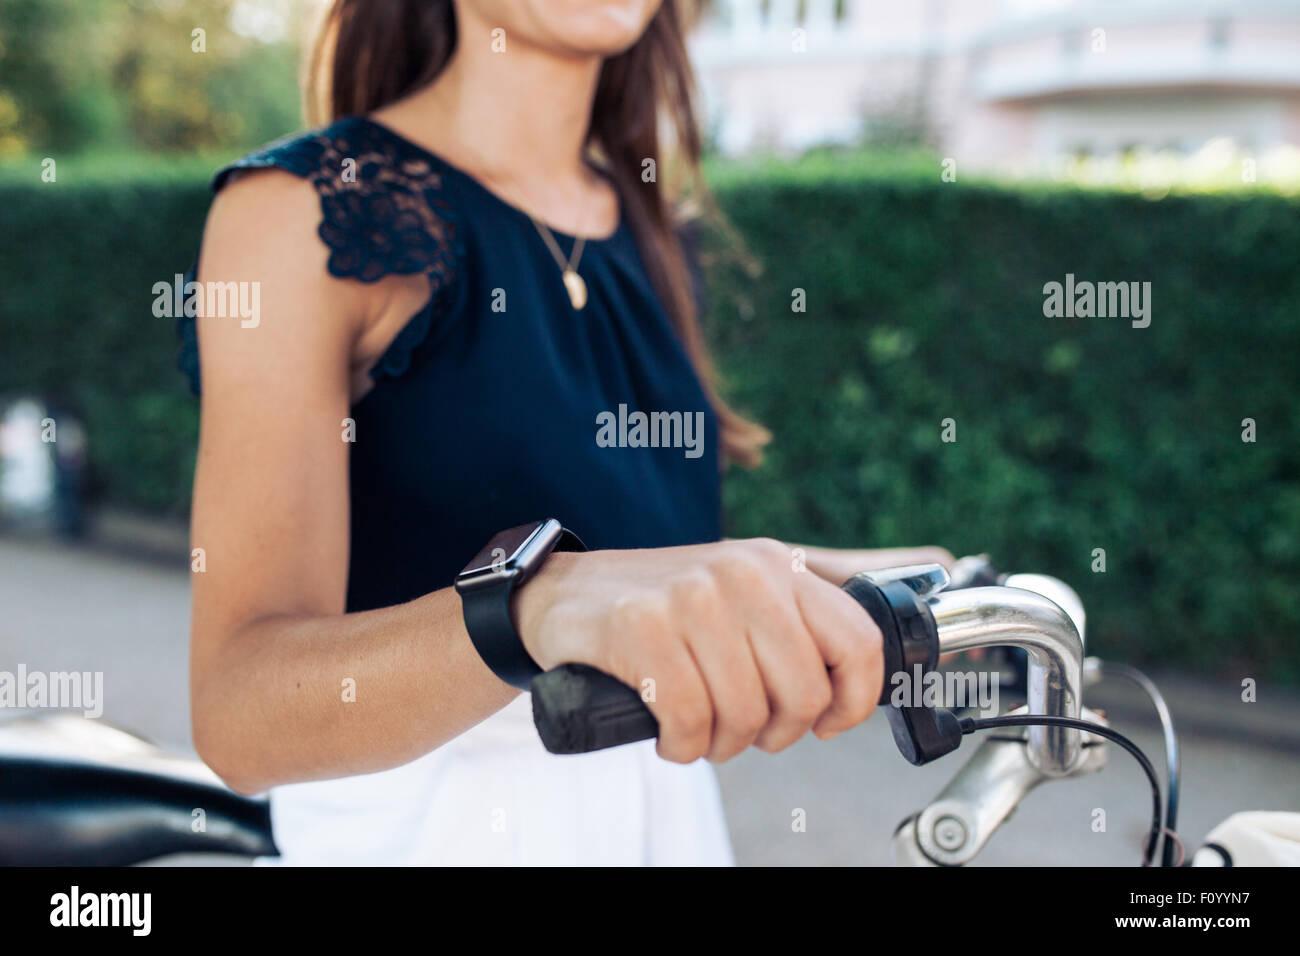 Mujer andar en bicicleta con un smartwatch. Mujeres vistiendo smart watch al ciclismo. Imagen De Stock